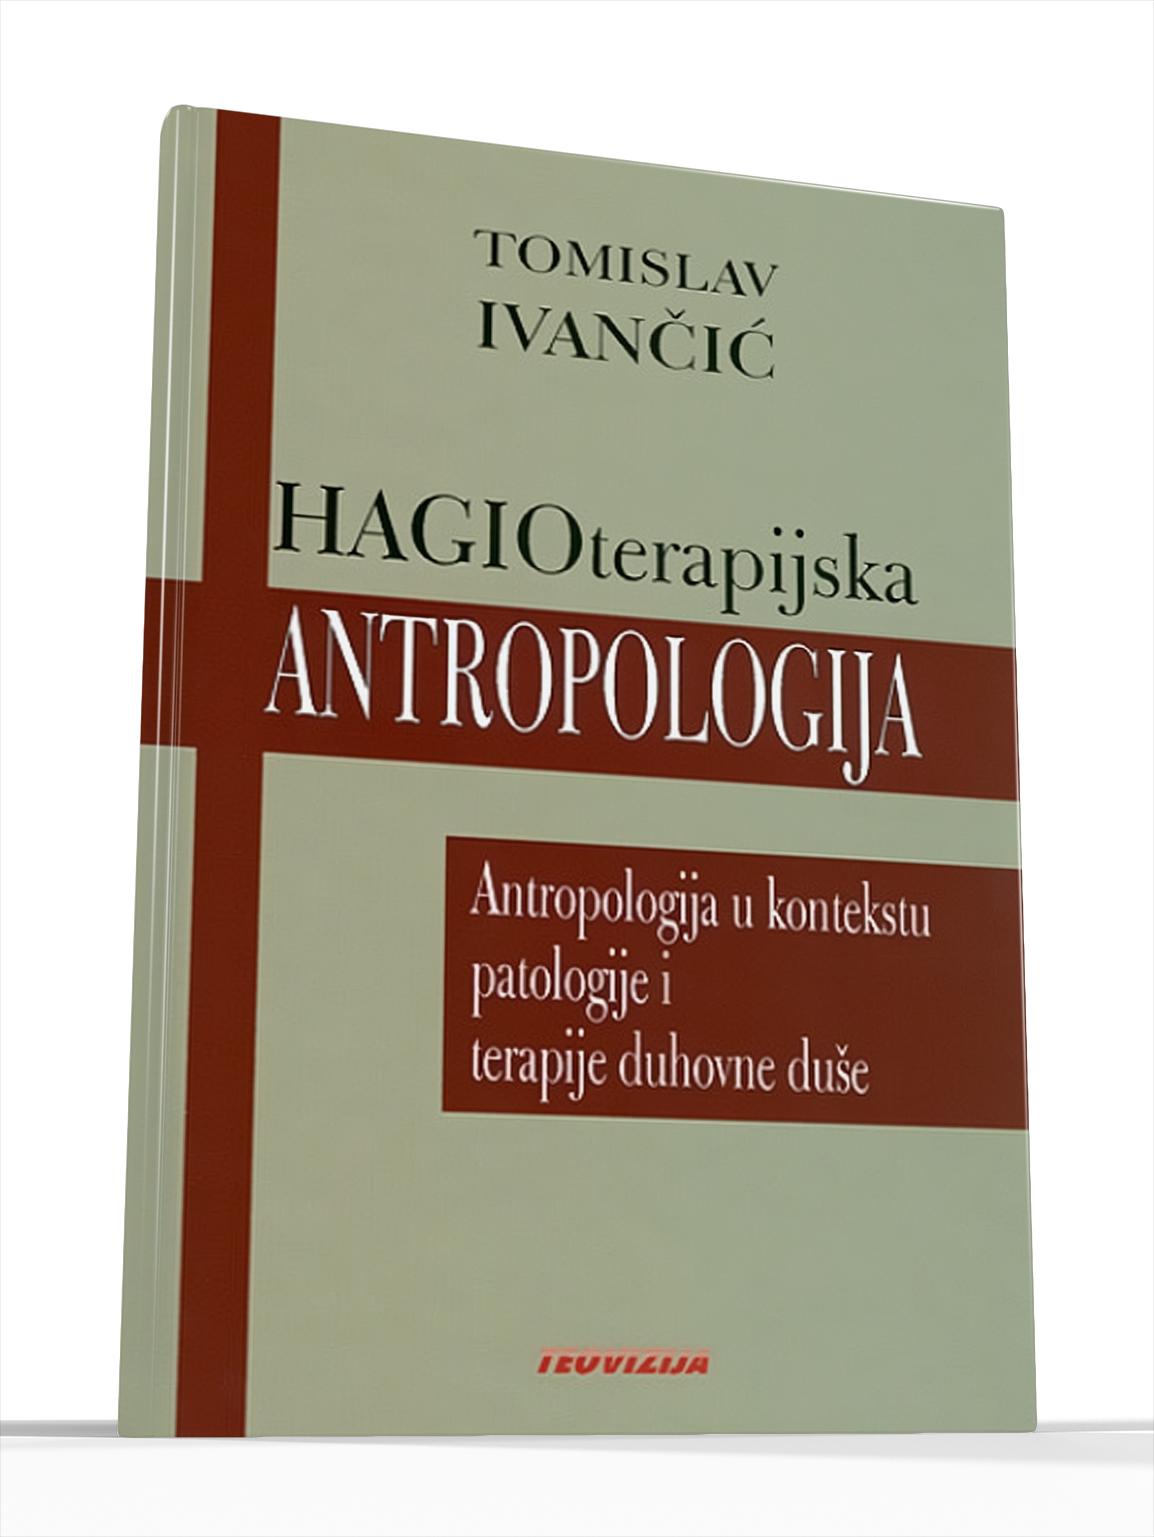 HAGIOTERAPIJSKA ANTROPOLOGIJA - Tomislav Ivančić